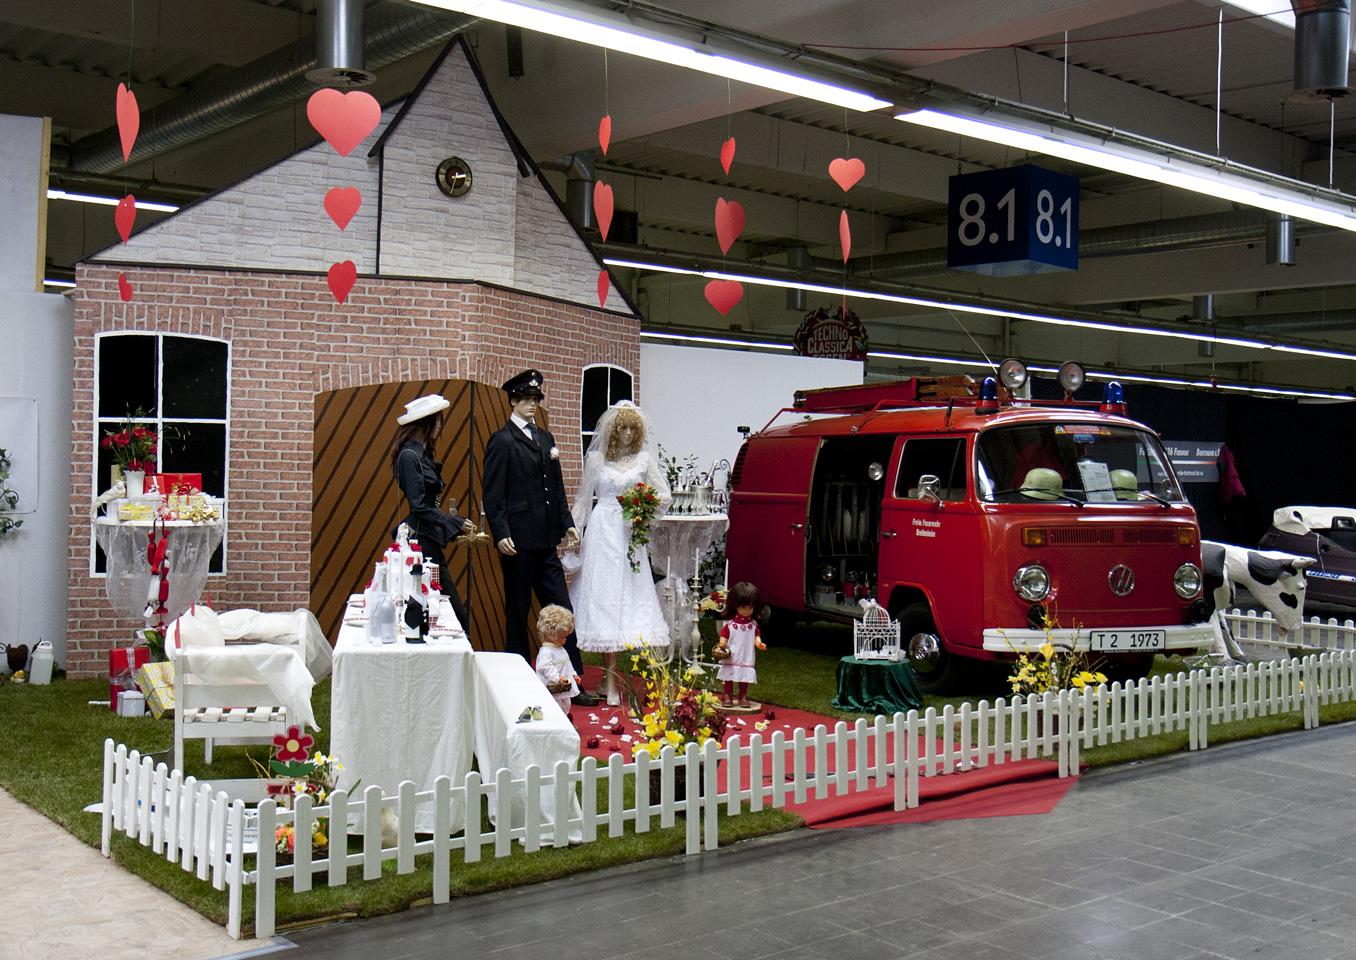 Liebe in der Luft – Hochzeits-Scene mit VW Bulli.